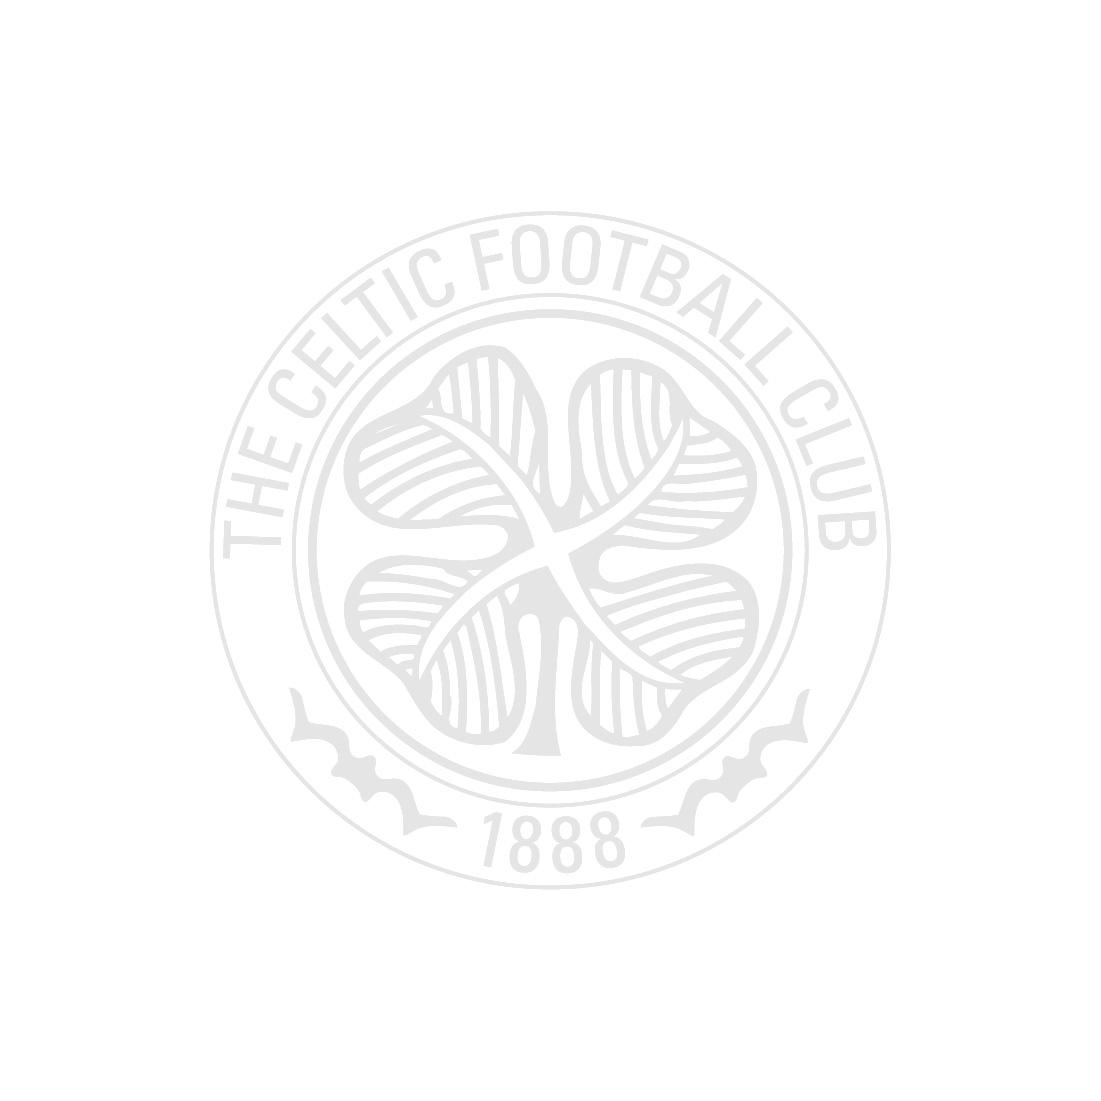 Ladies Foil Graphic Celtic T-shirt